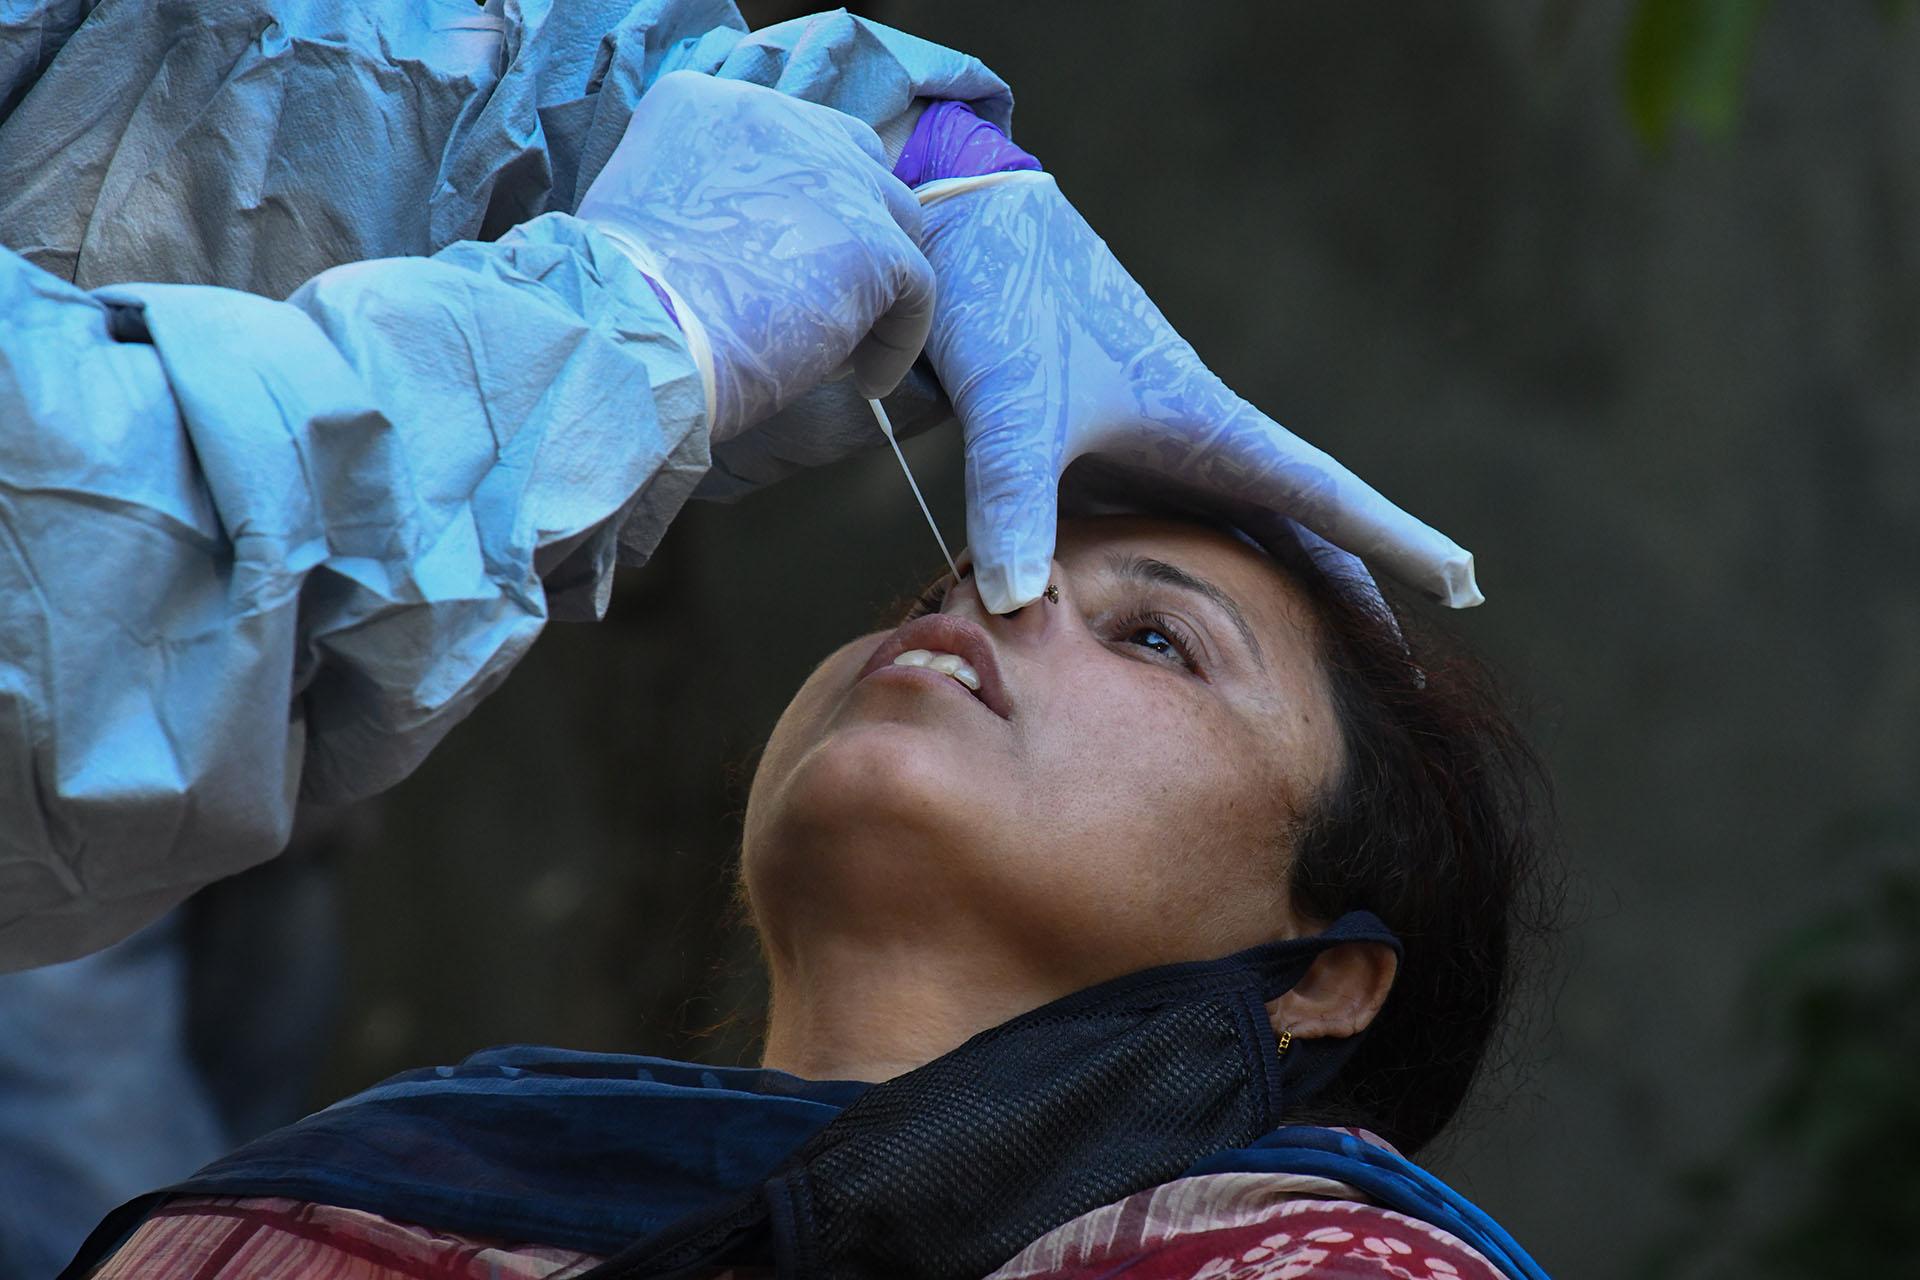 Un médico toma una muestra de una mujer para una prueba de COVID-19 en Amritsar el 23 de abril de 2020, durante la cuarentena nacional impuesta por el gobierno como medida preventiva contra el coronavirus (Foto de NARINDER NANU / AFP)